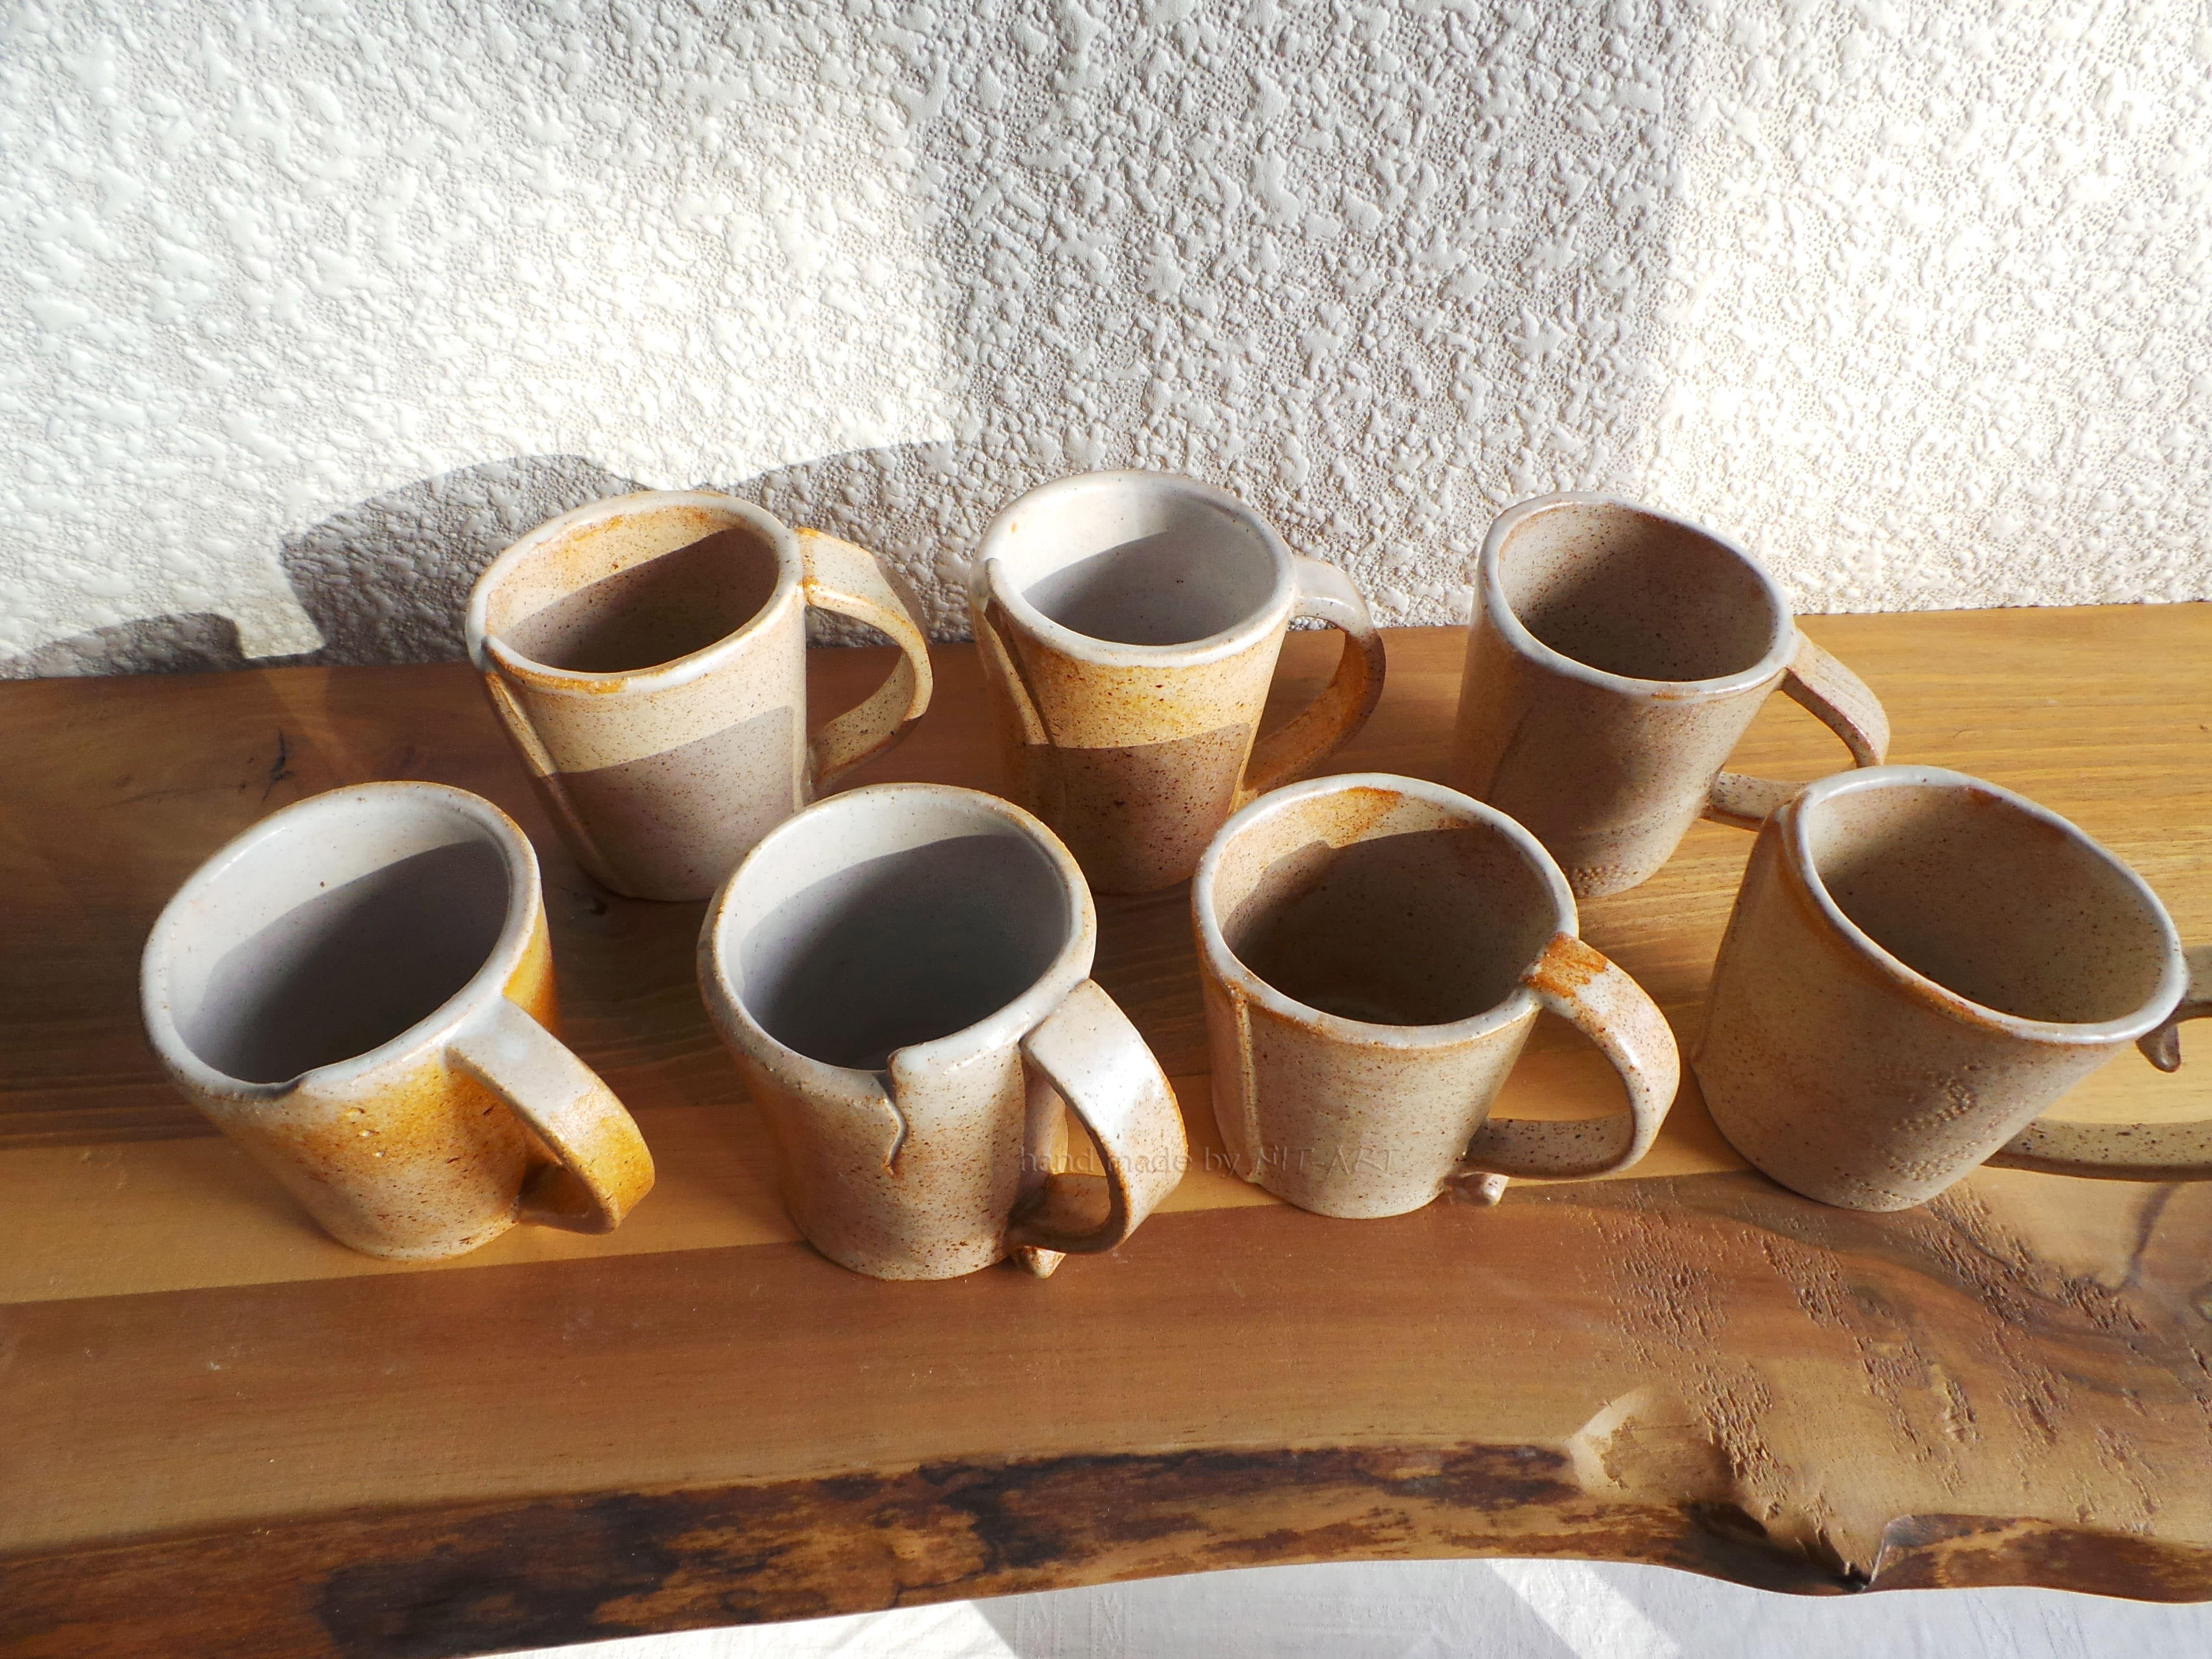 upotrebna_keramika_a2